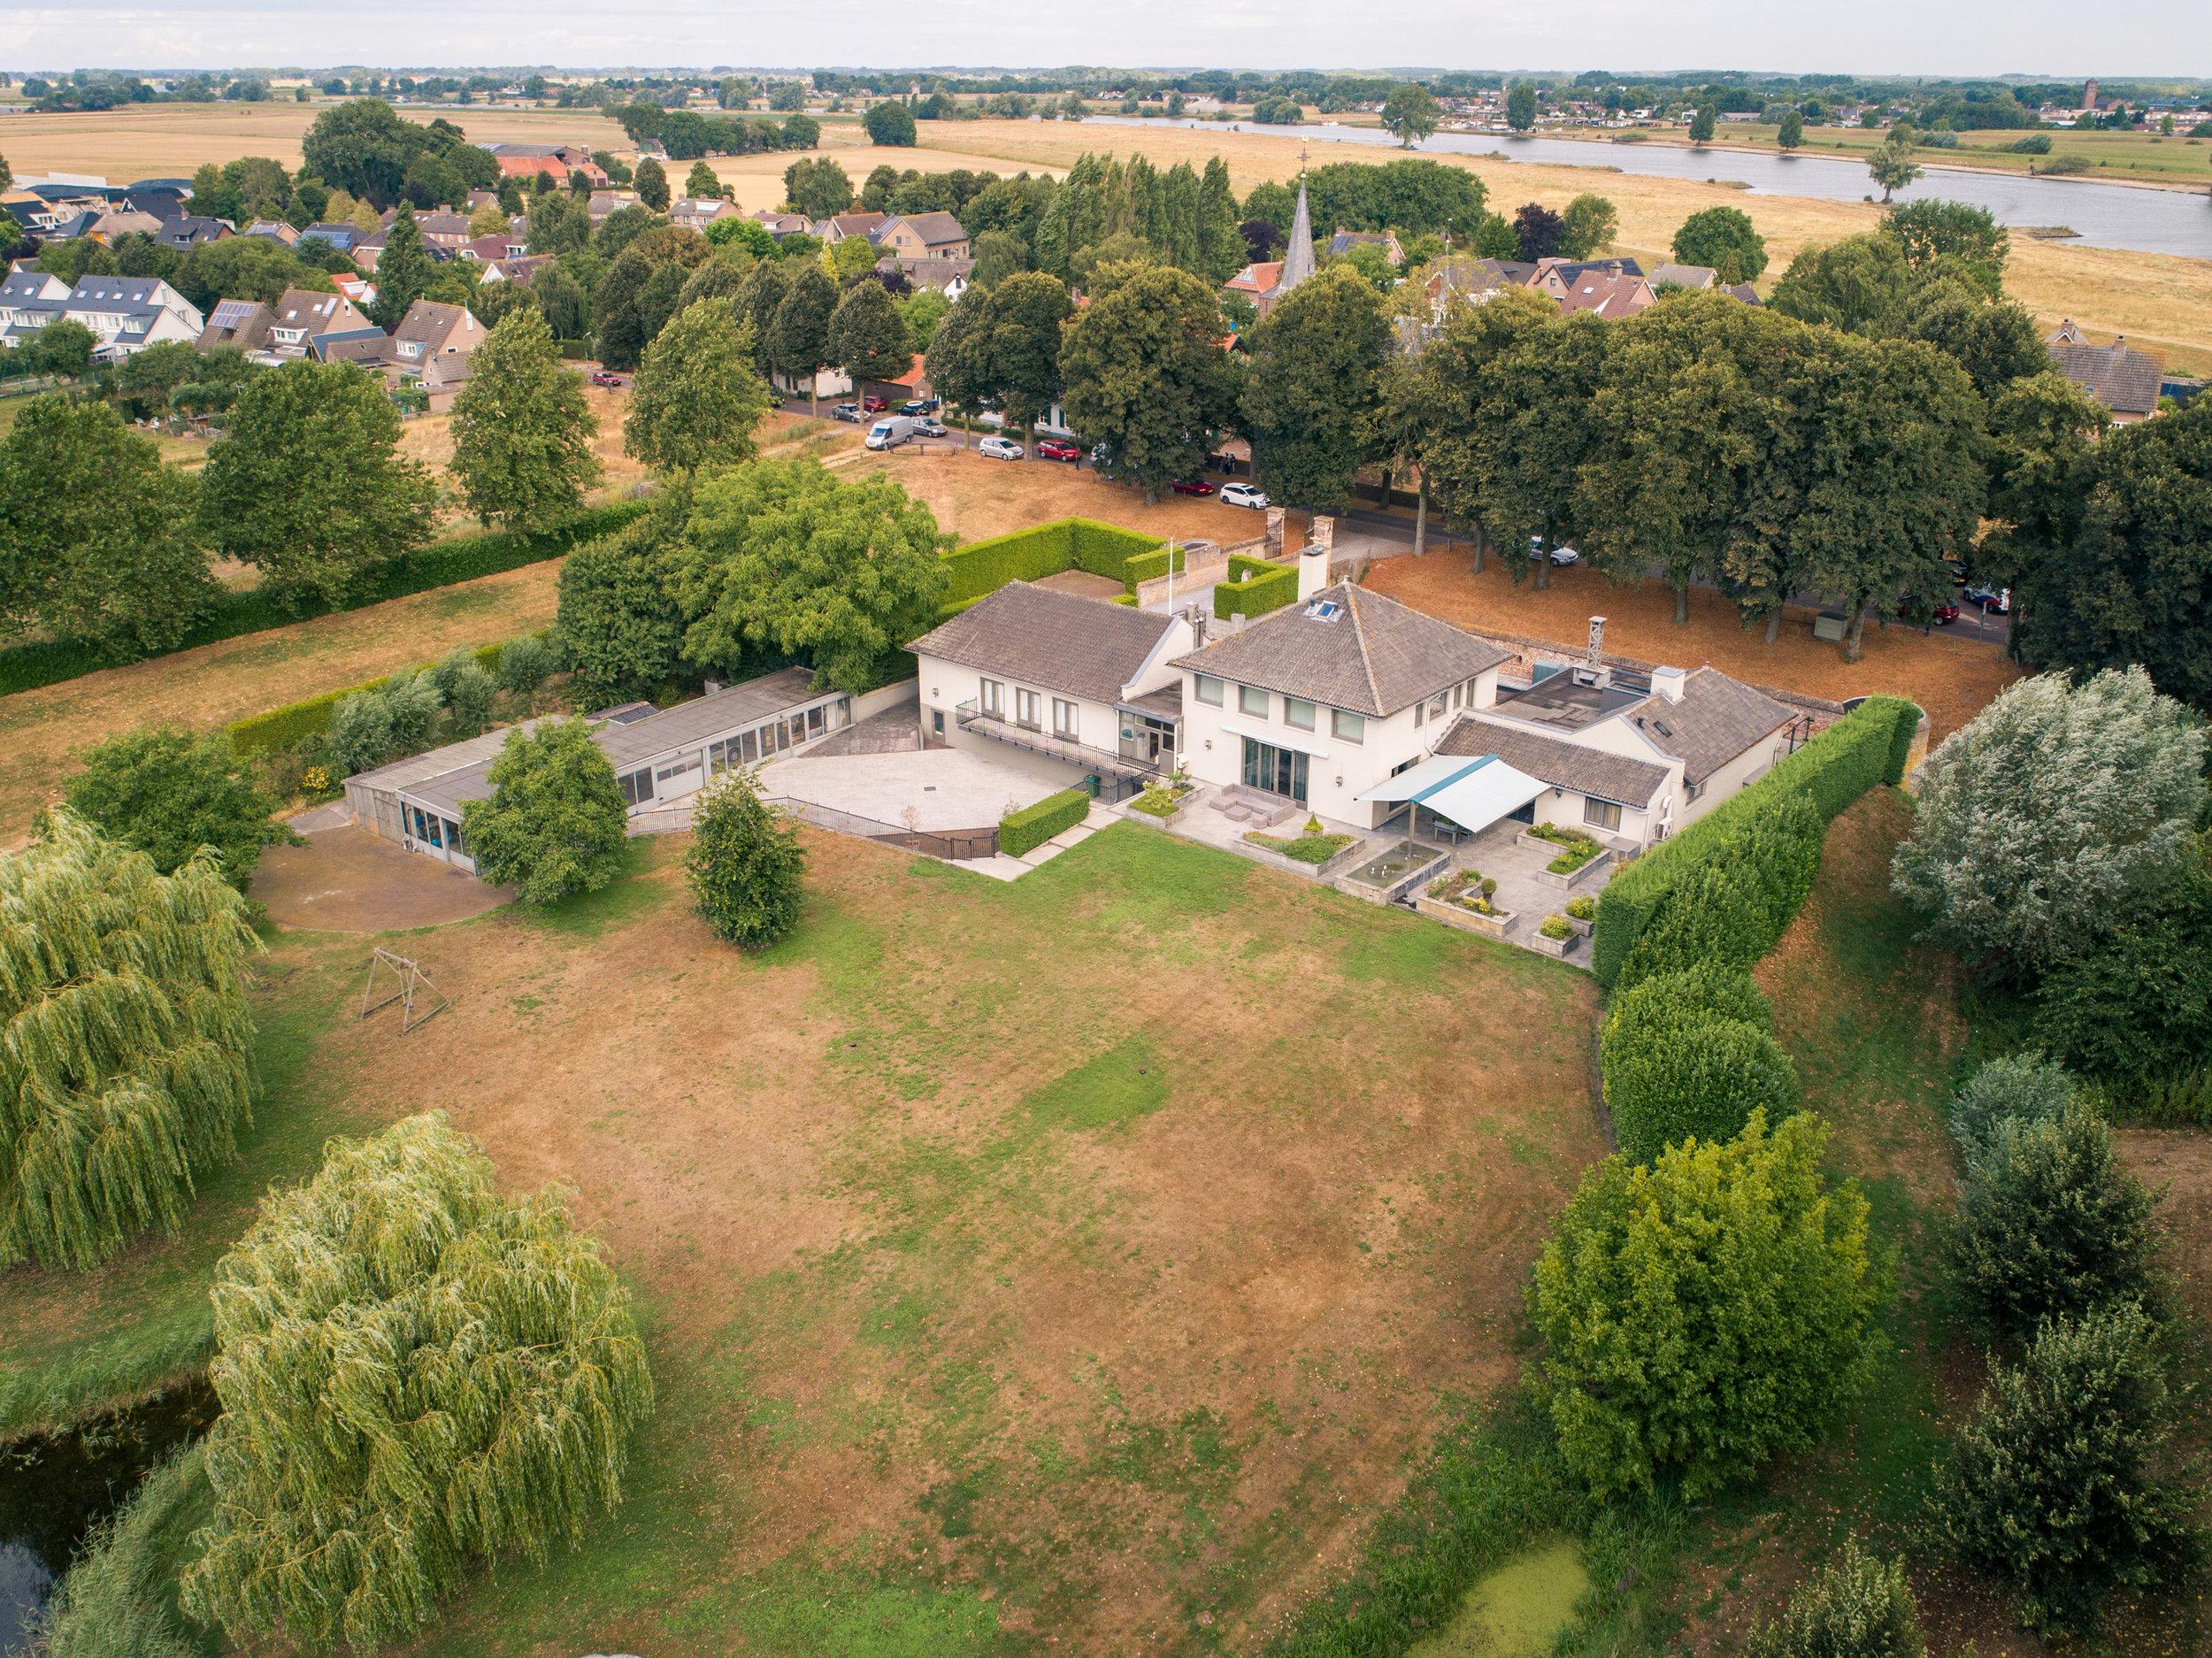 Drone-Vastgoed-Den-Bosch-4.jpg